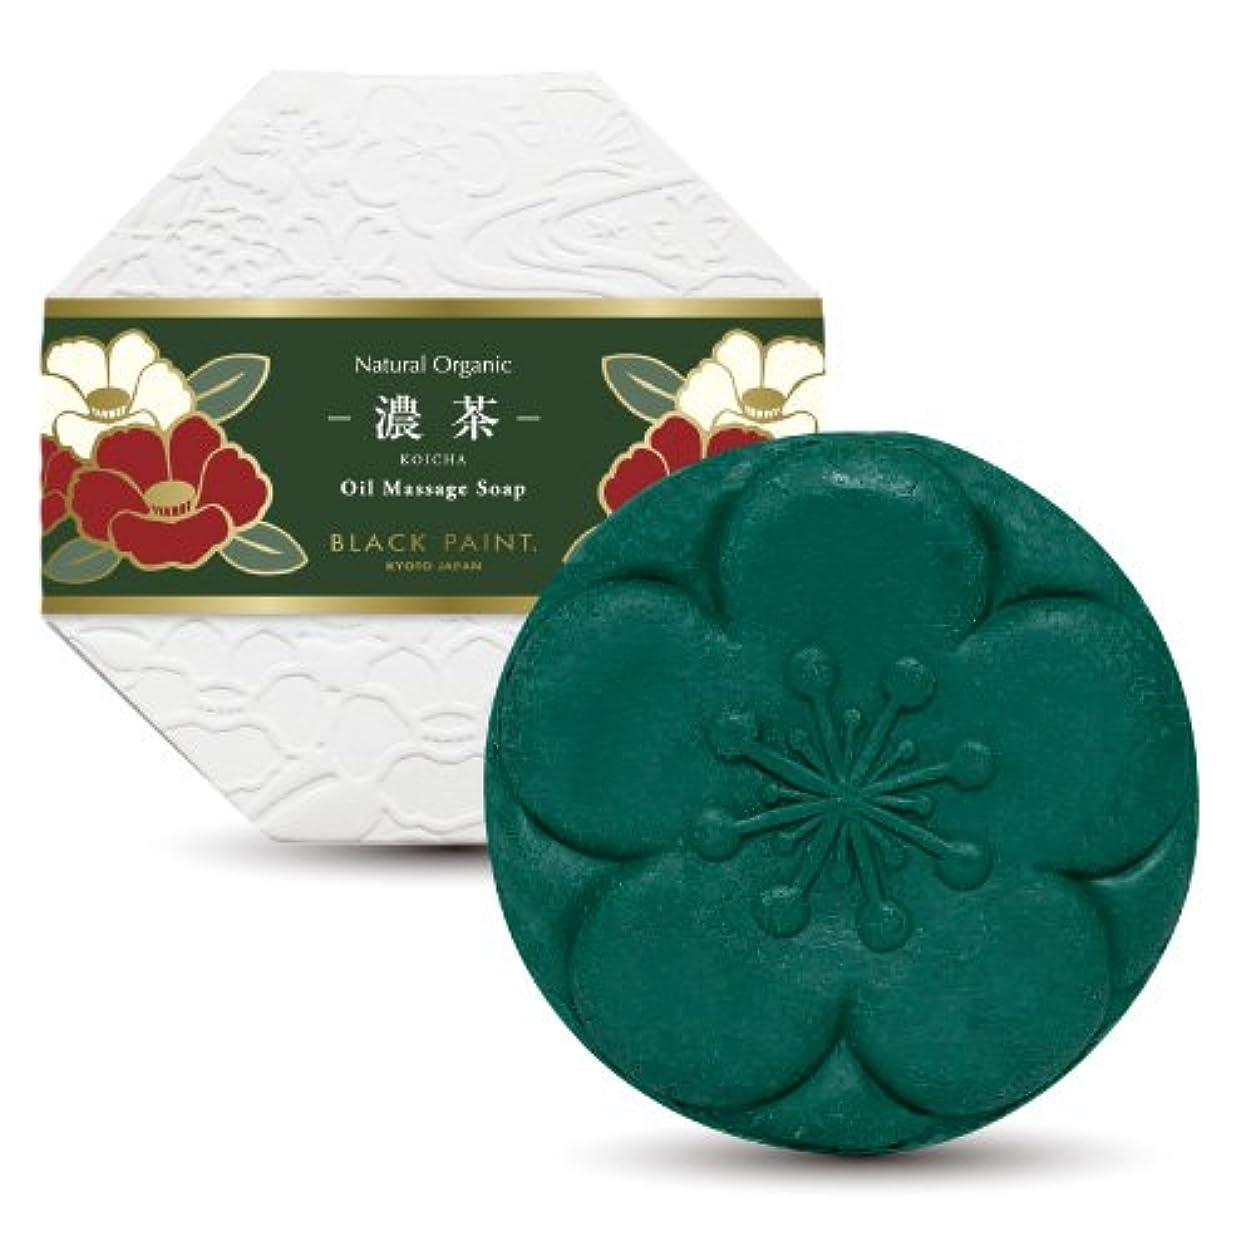 受益者体反抗京のお茶石鹸 濃茶 120g 塗る石鹸